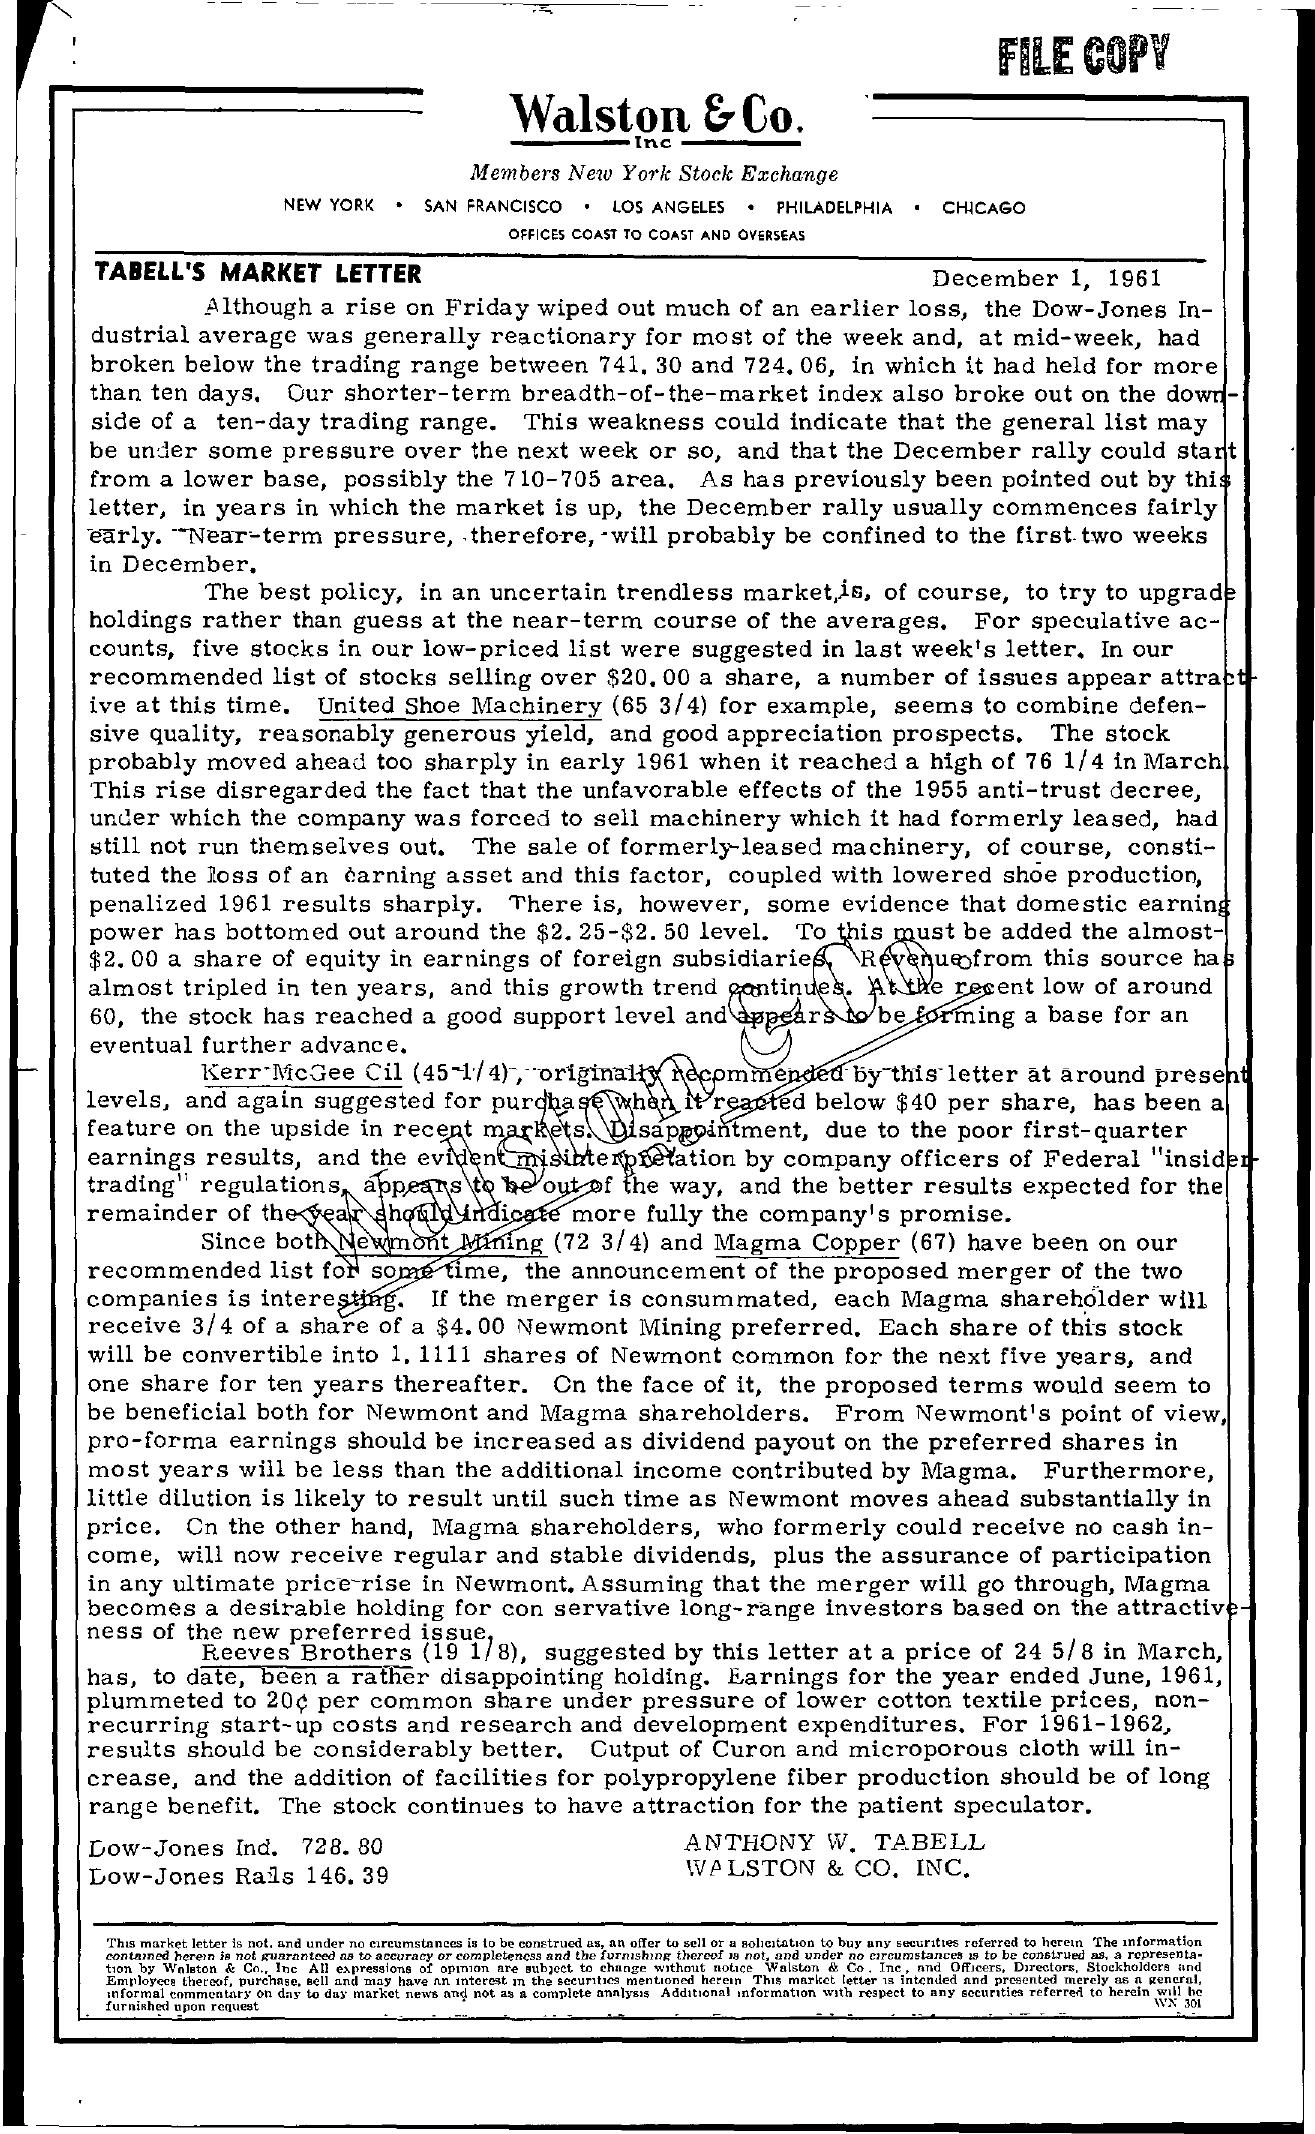 Tabell's Market Letter - December 01, 1961